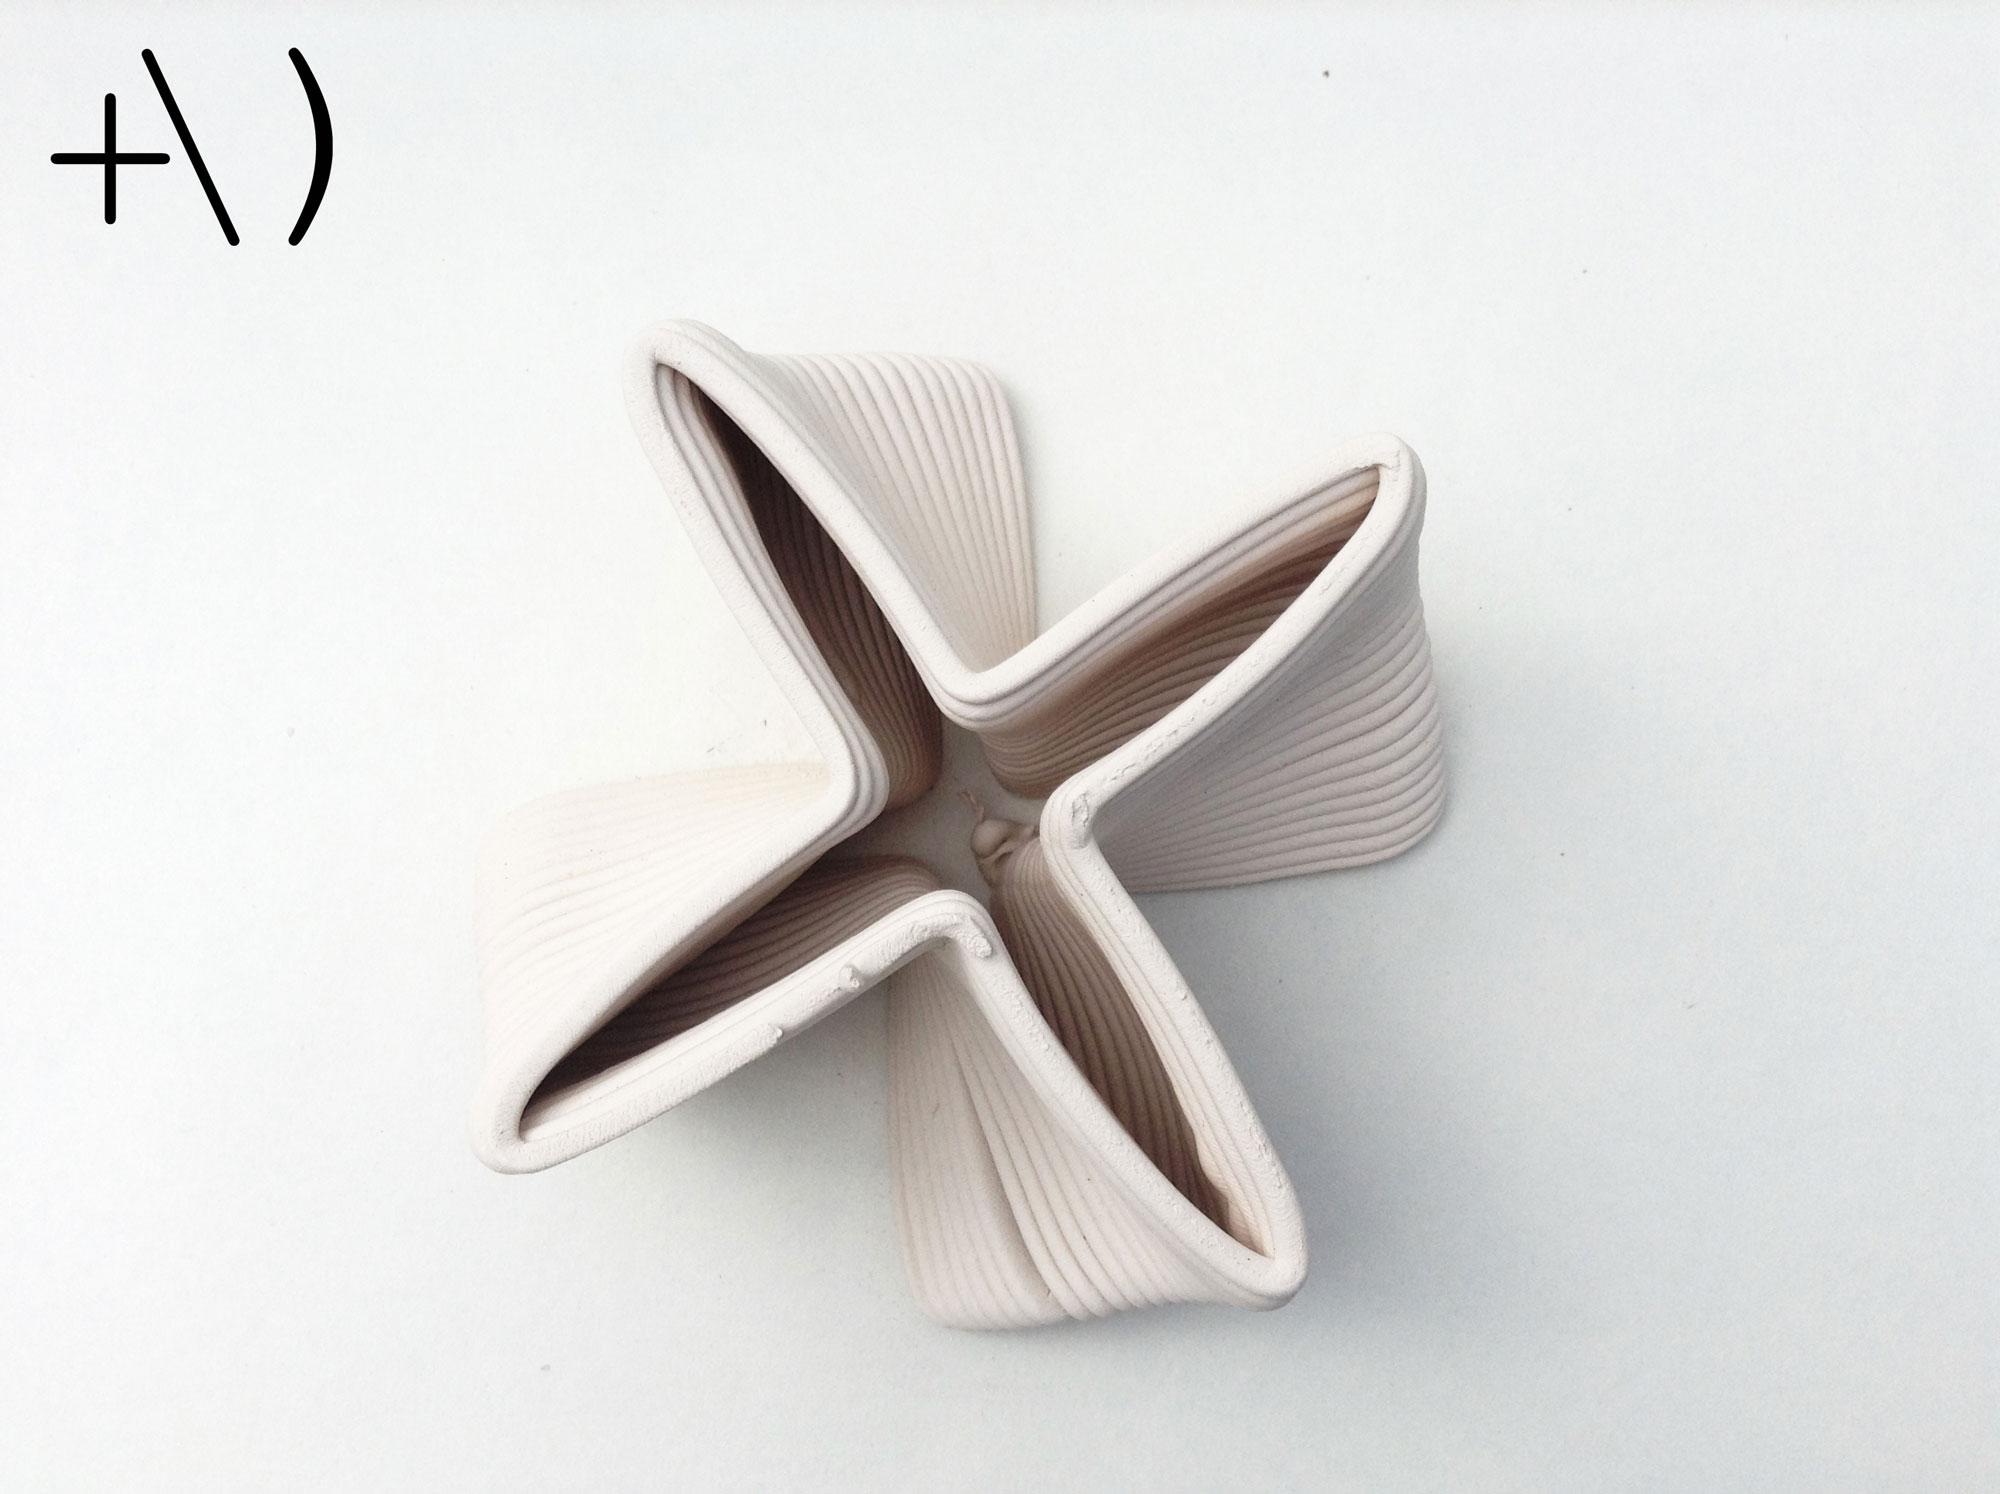 computational clay design super formula torsione dall'alto